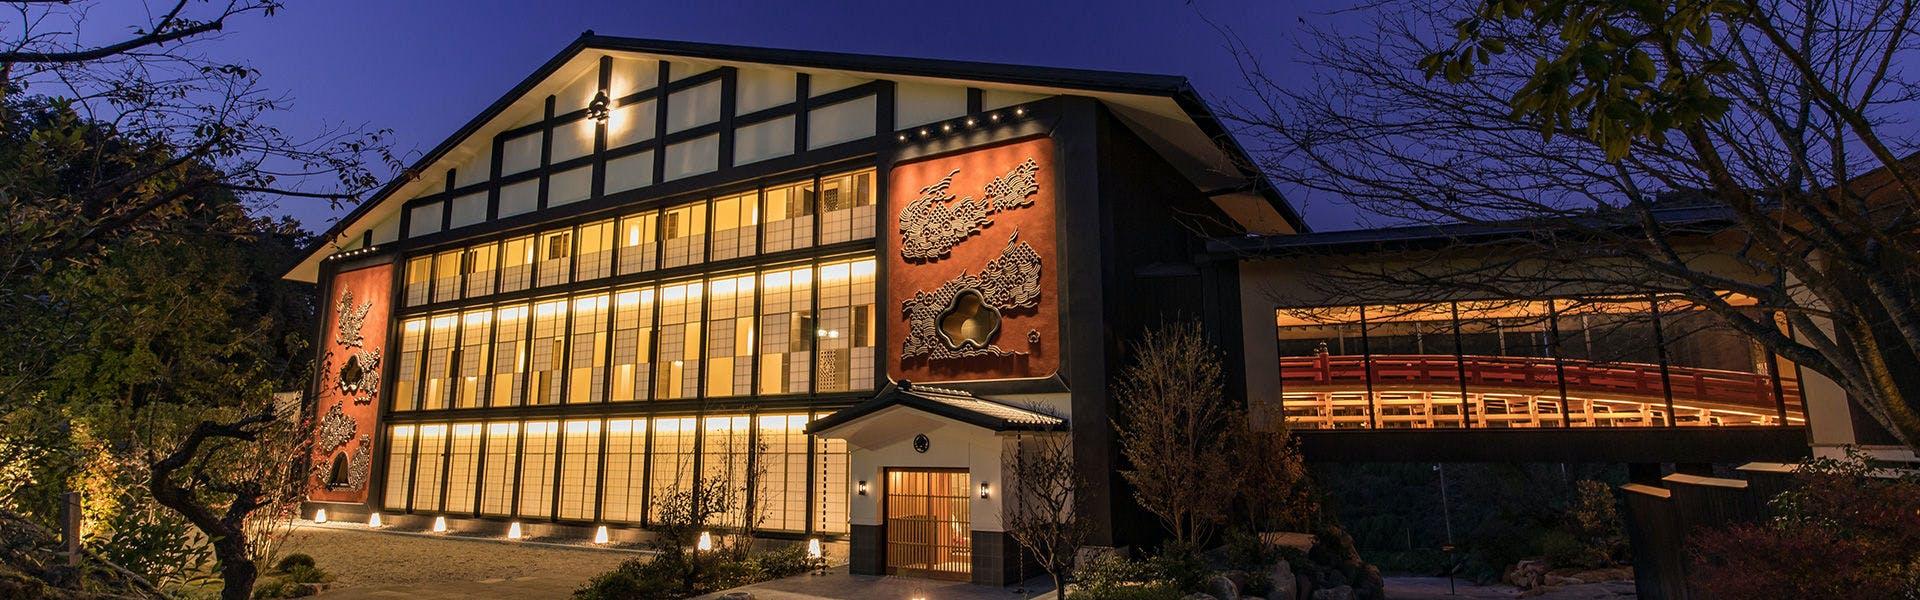 記念日におすすめのホテル・奥日田温泉 うめひびきの写真1